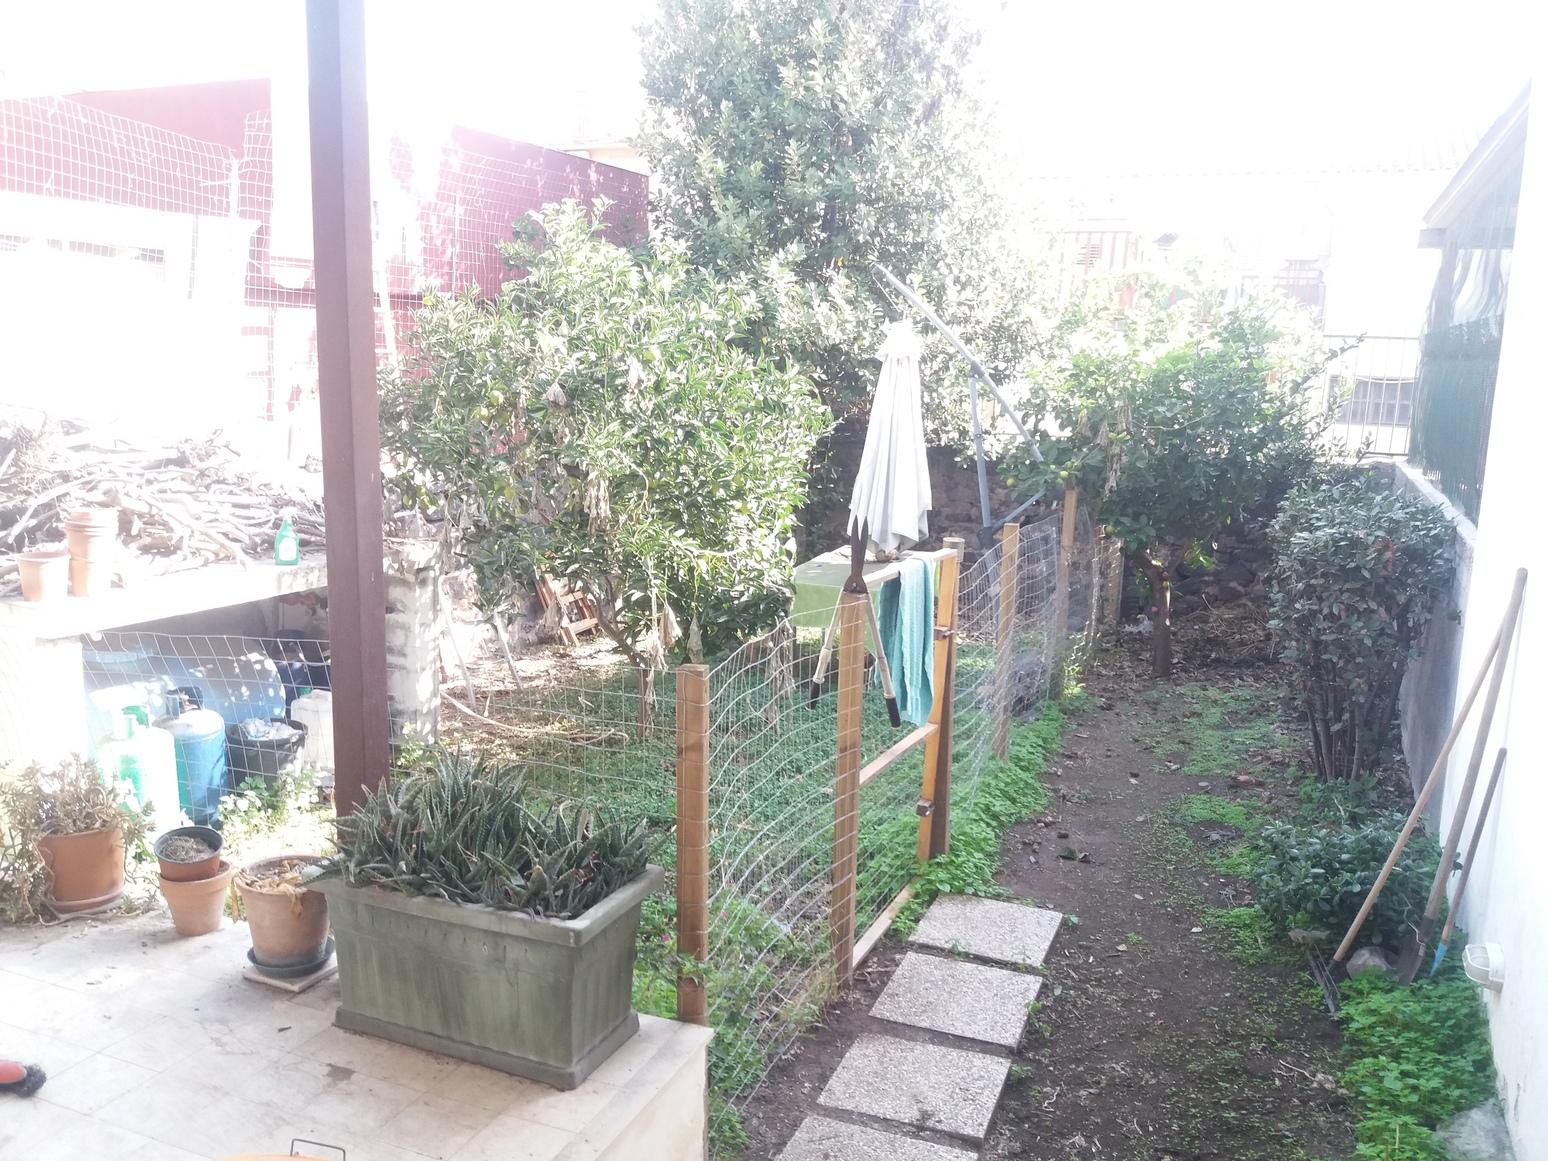 4 vani con giardino piano terra via fortino vecchio